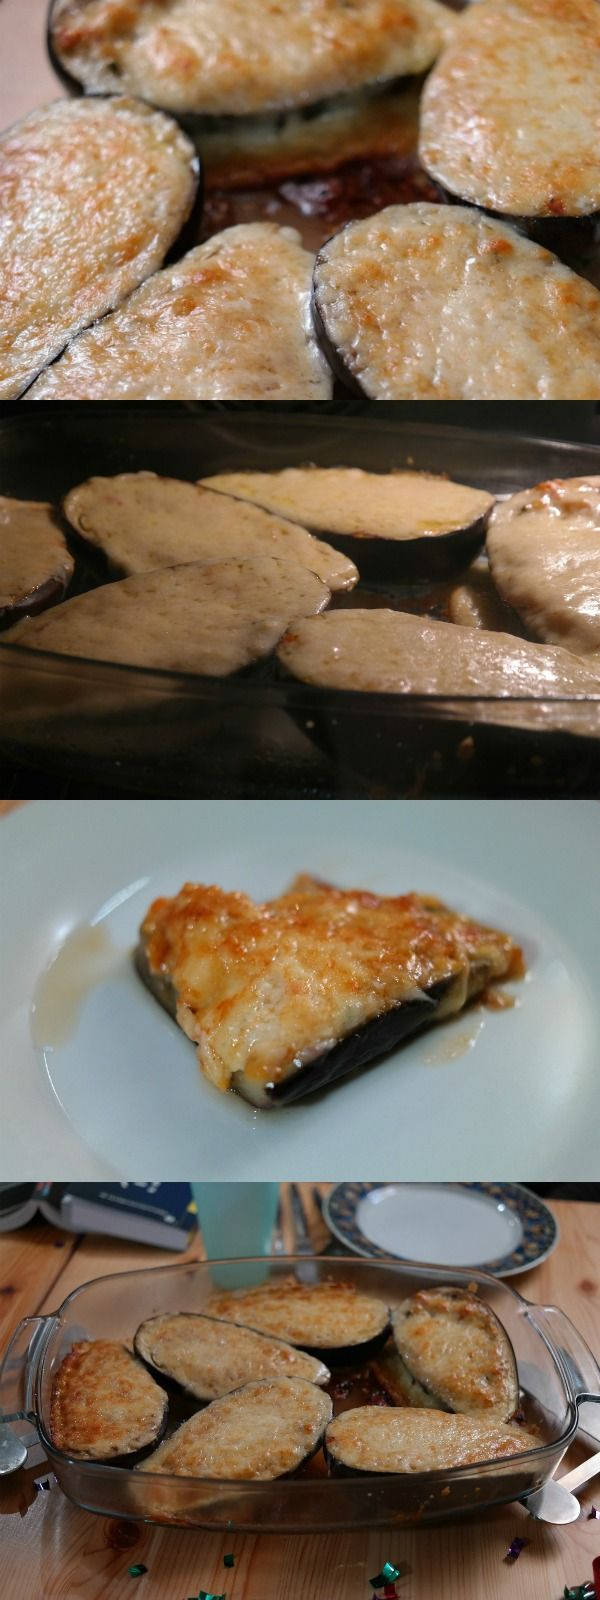 Berenjenas con queso fundido - 19 recetas de berenjenas rellenas